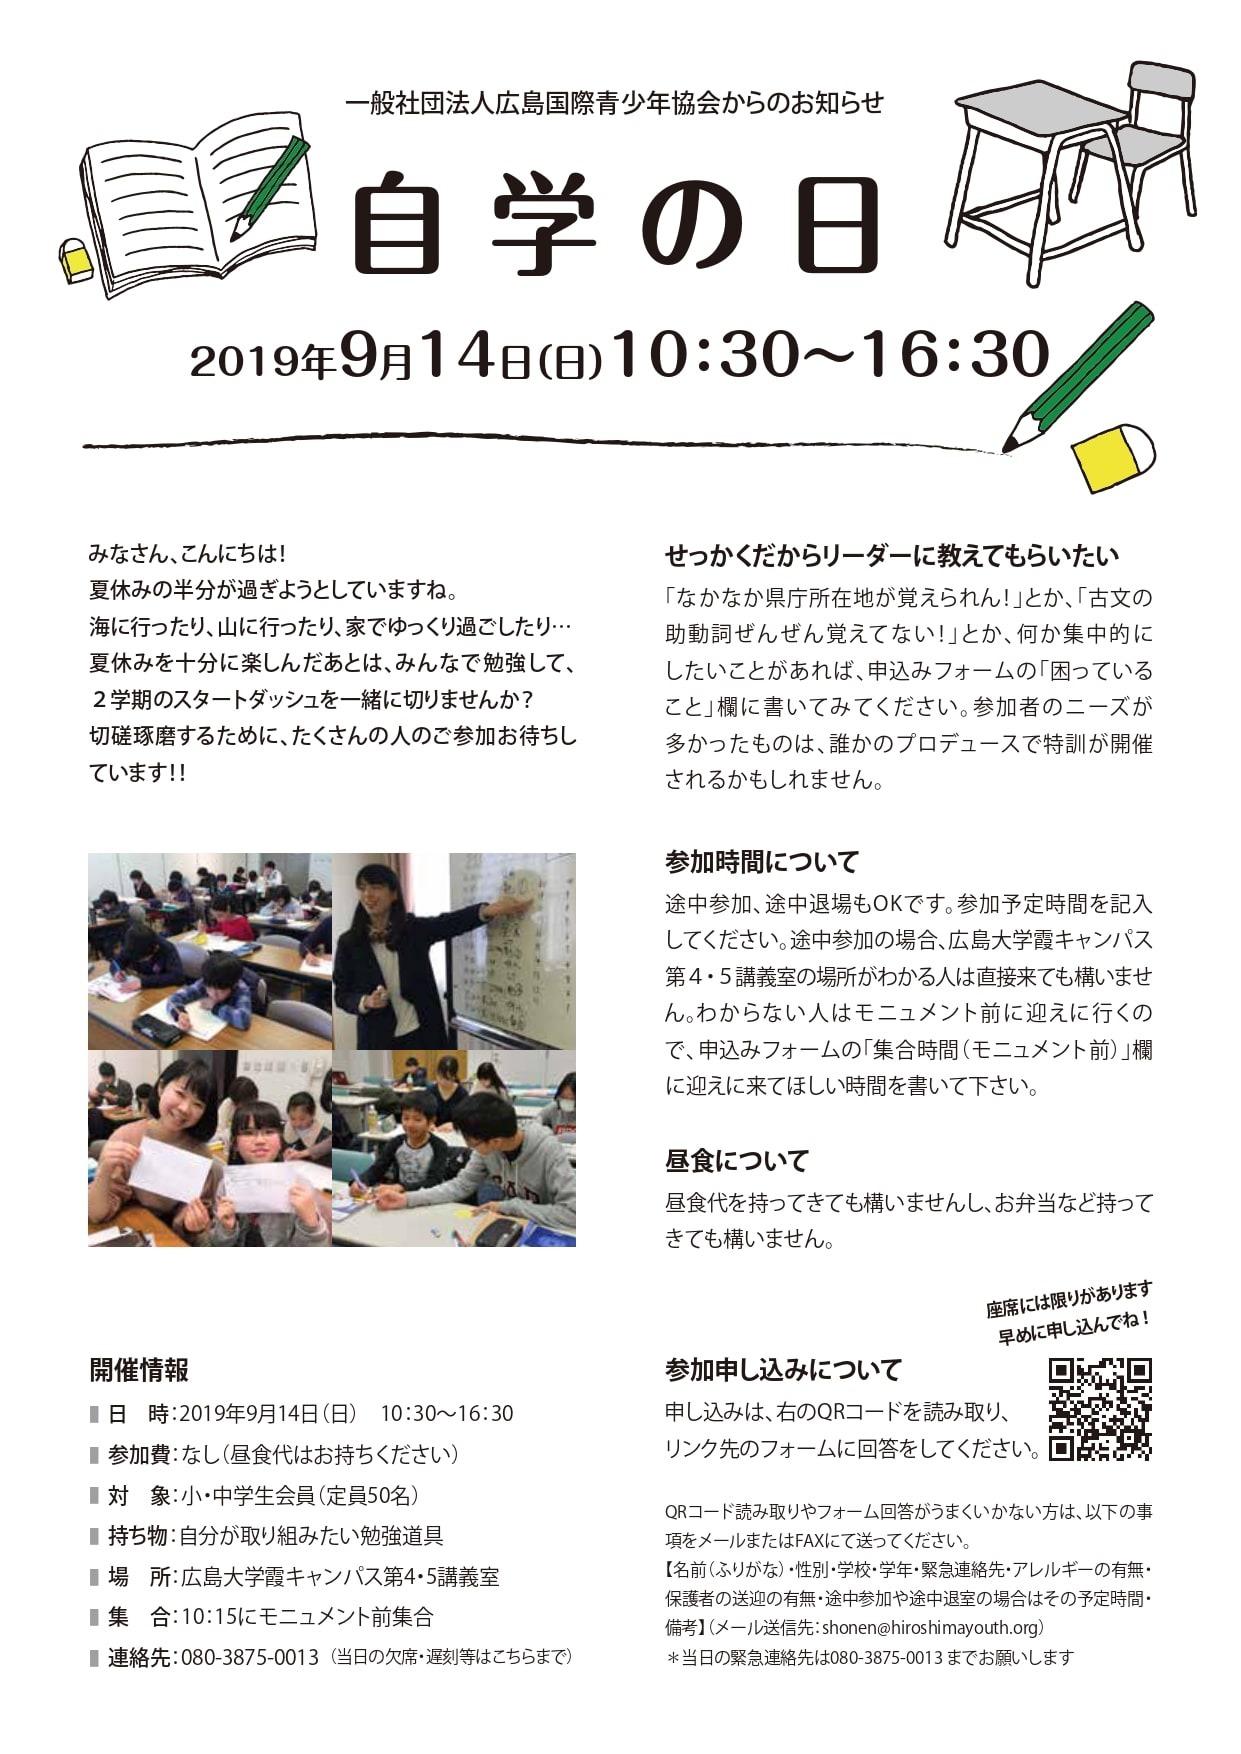 20190914_自学の日_page-0001-min.jpg